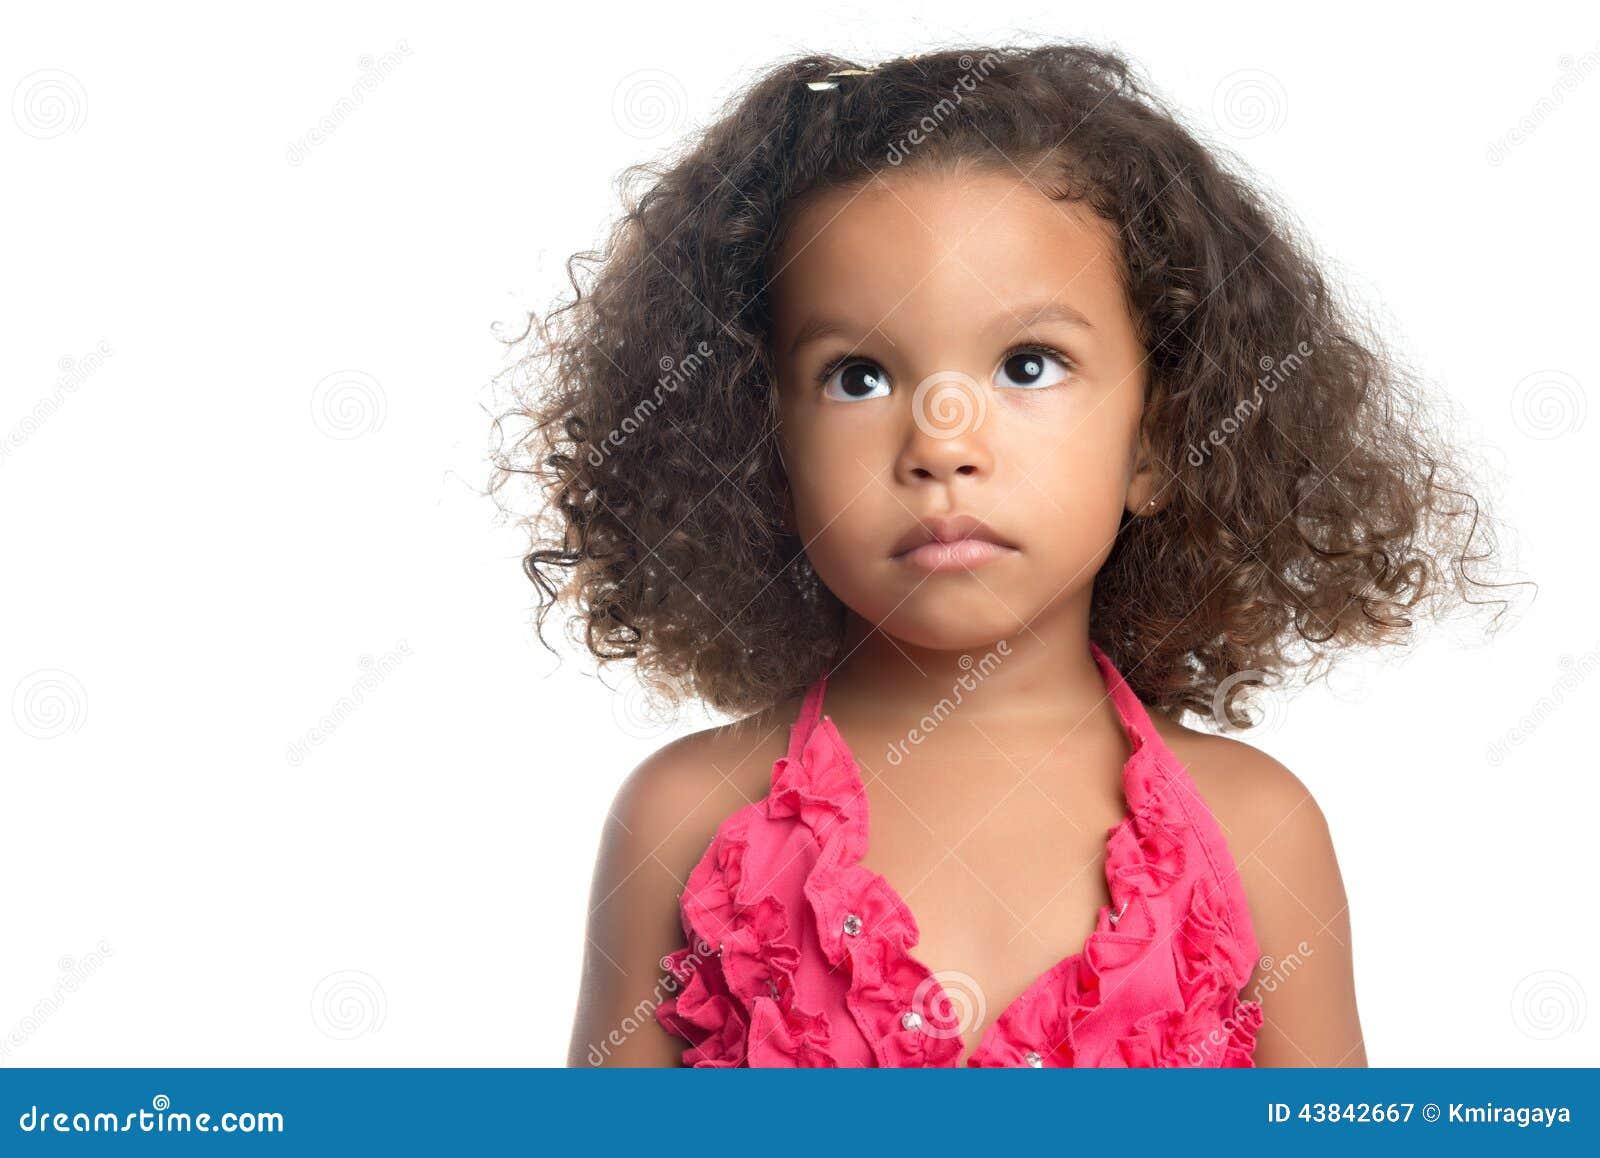 portrait d 39 une petite fille avec une coiffure afro photo stock image 43842667. Black Bedroom Furniture Sets. Home Design Ideas